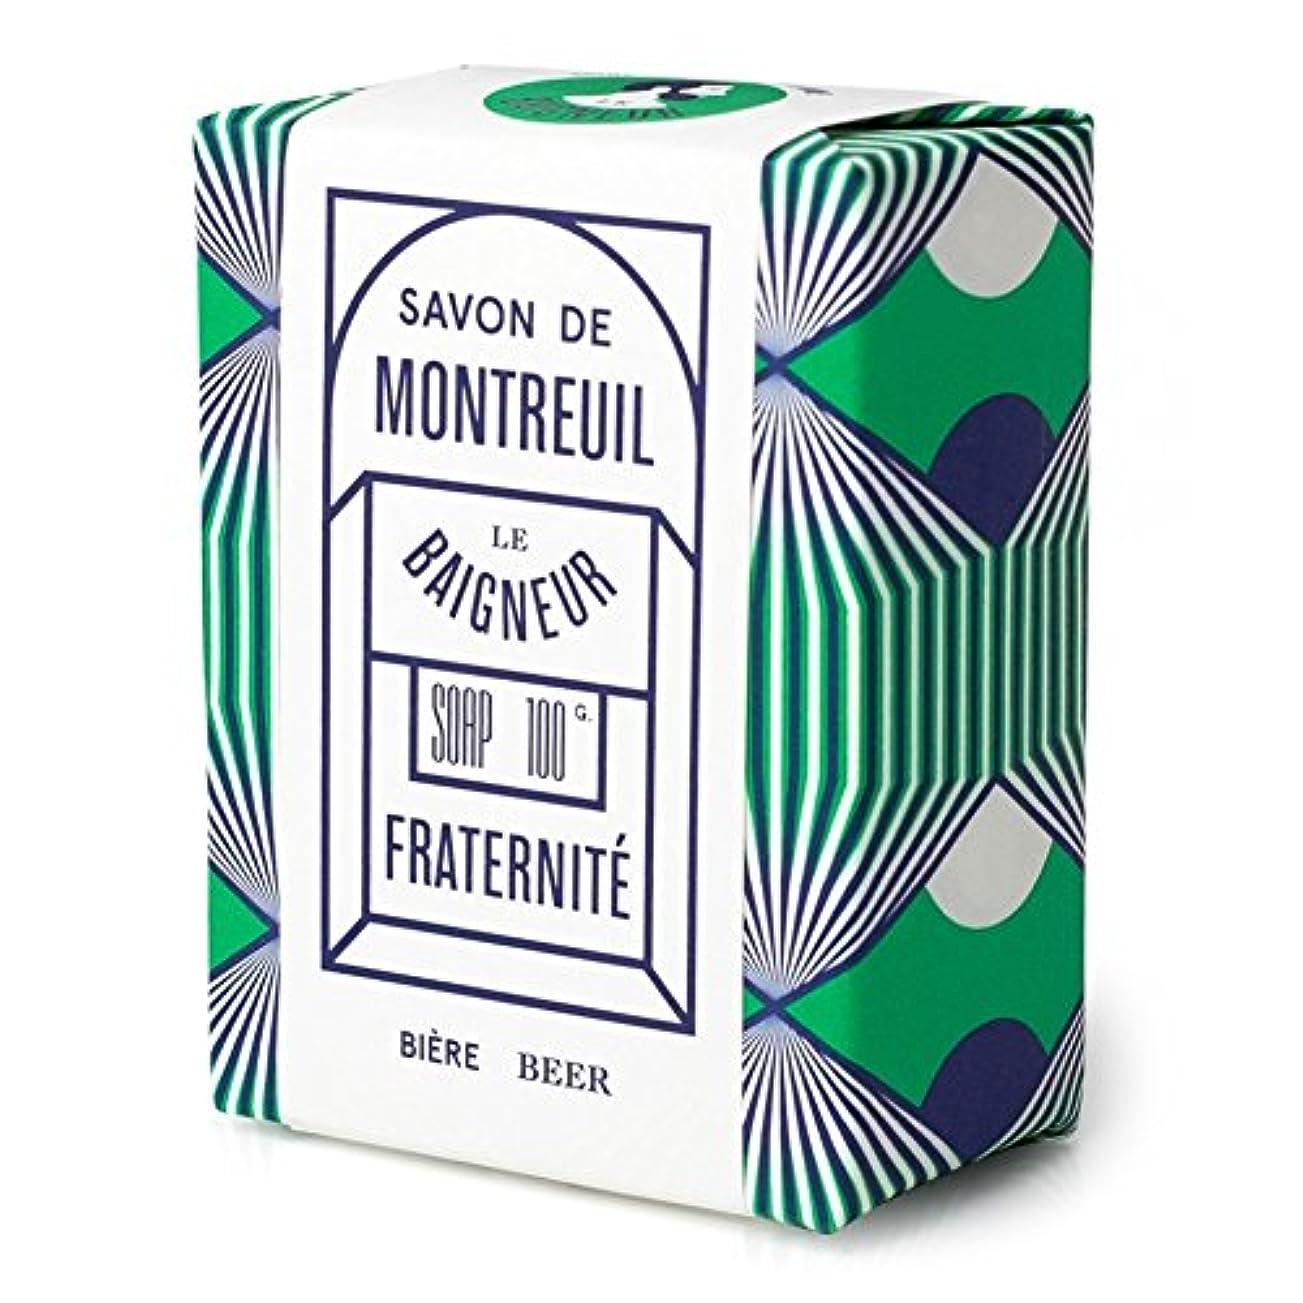 歯科医姿を消す昼寝ル 石鹸100グラム x4 - Le Baigneur Fraternite Soap 100g (Pack of 4) [並行輸入品]